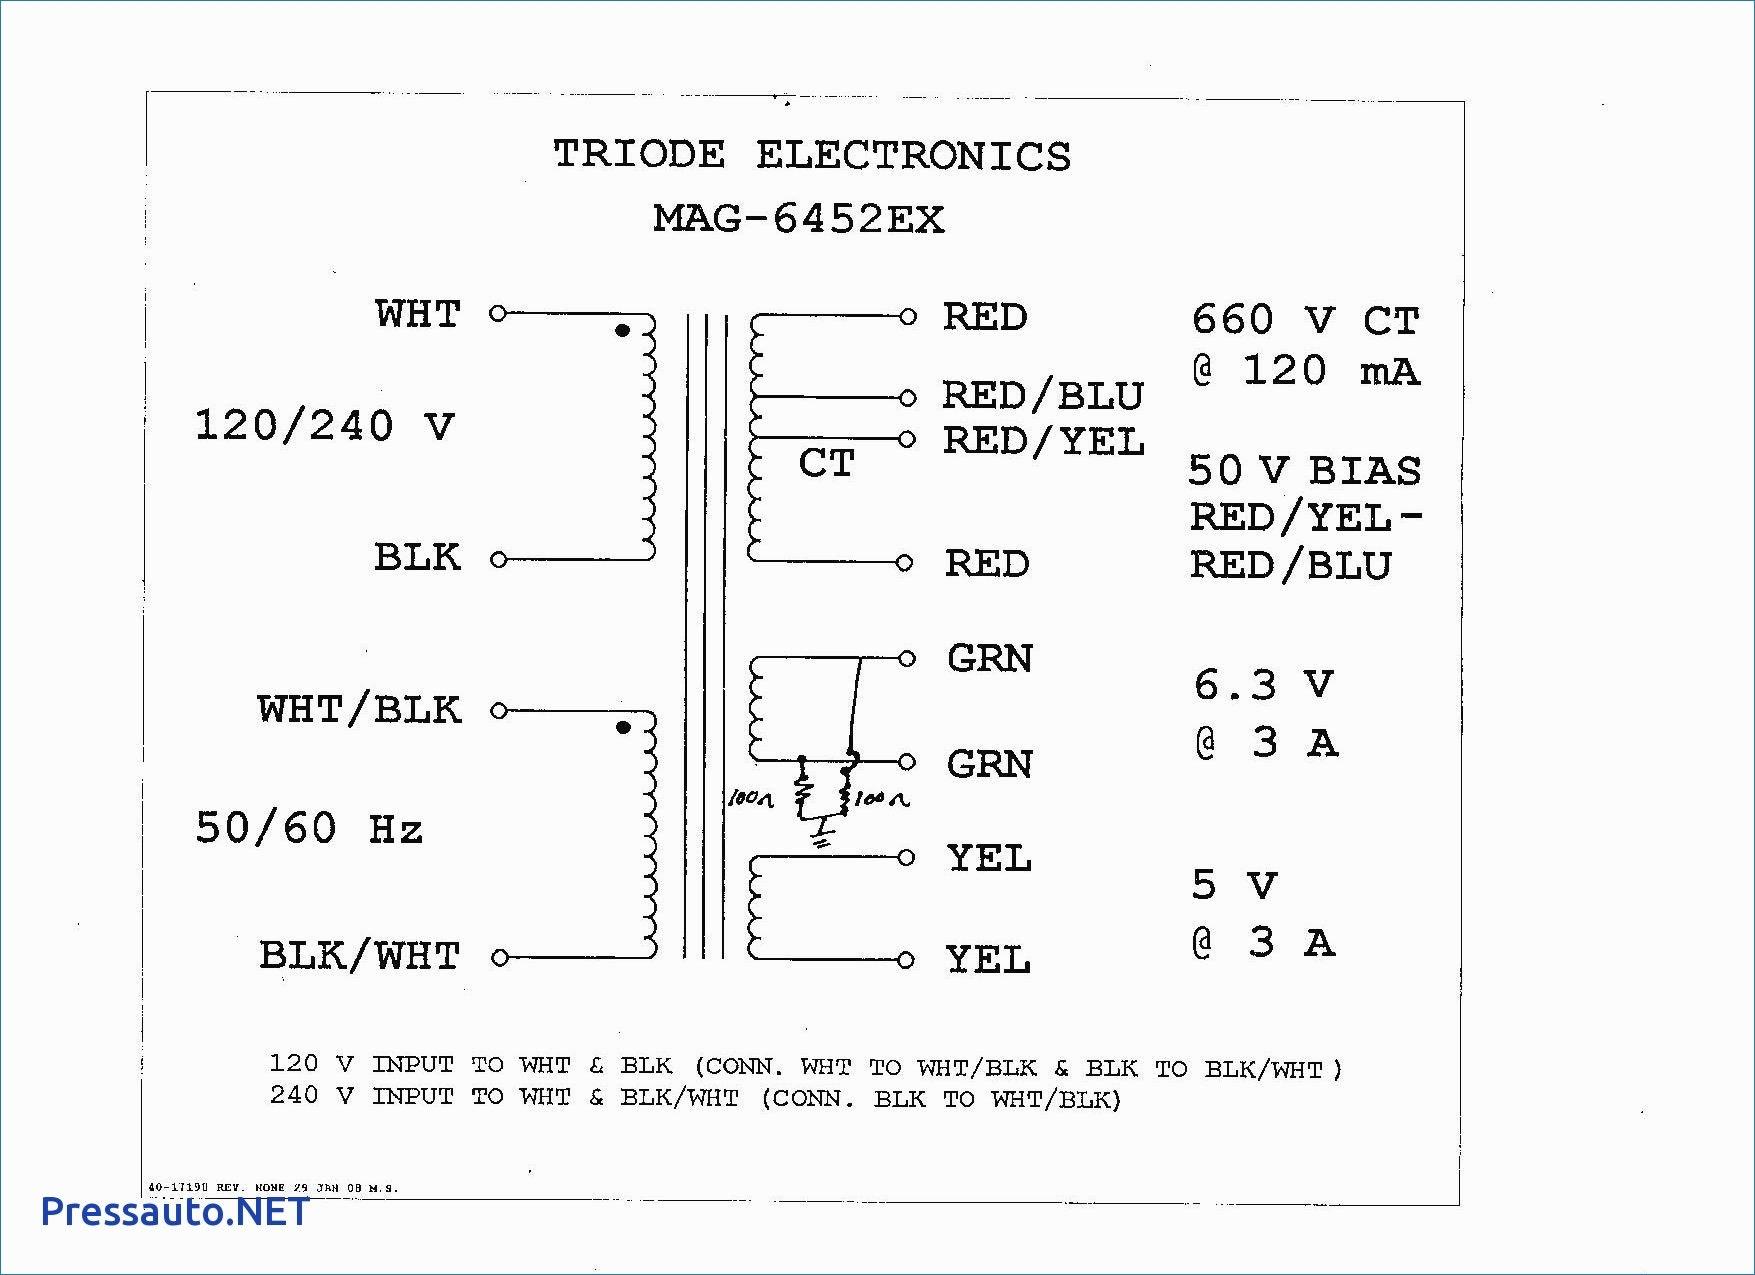 480 volt to 120 volt transformer wiring diagram Collection-120 Transformer Wiring Diagram 480 to 120 Volt Transformer Wiring 480 Volt to 120 Volt 19-i